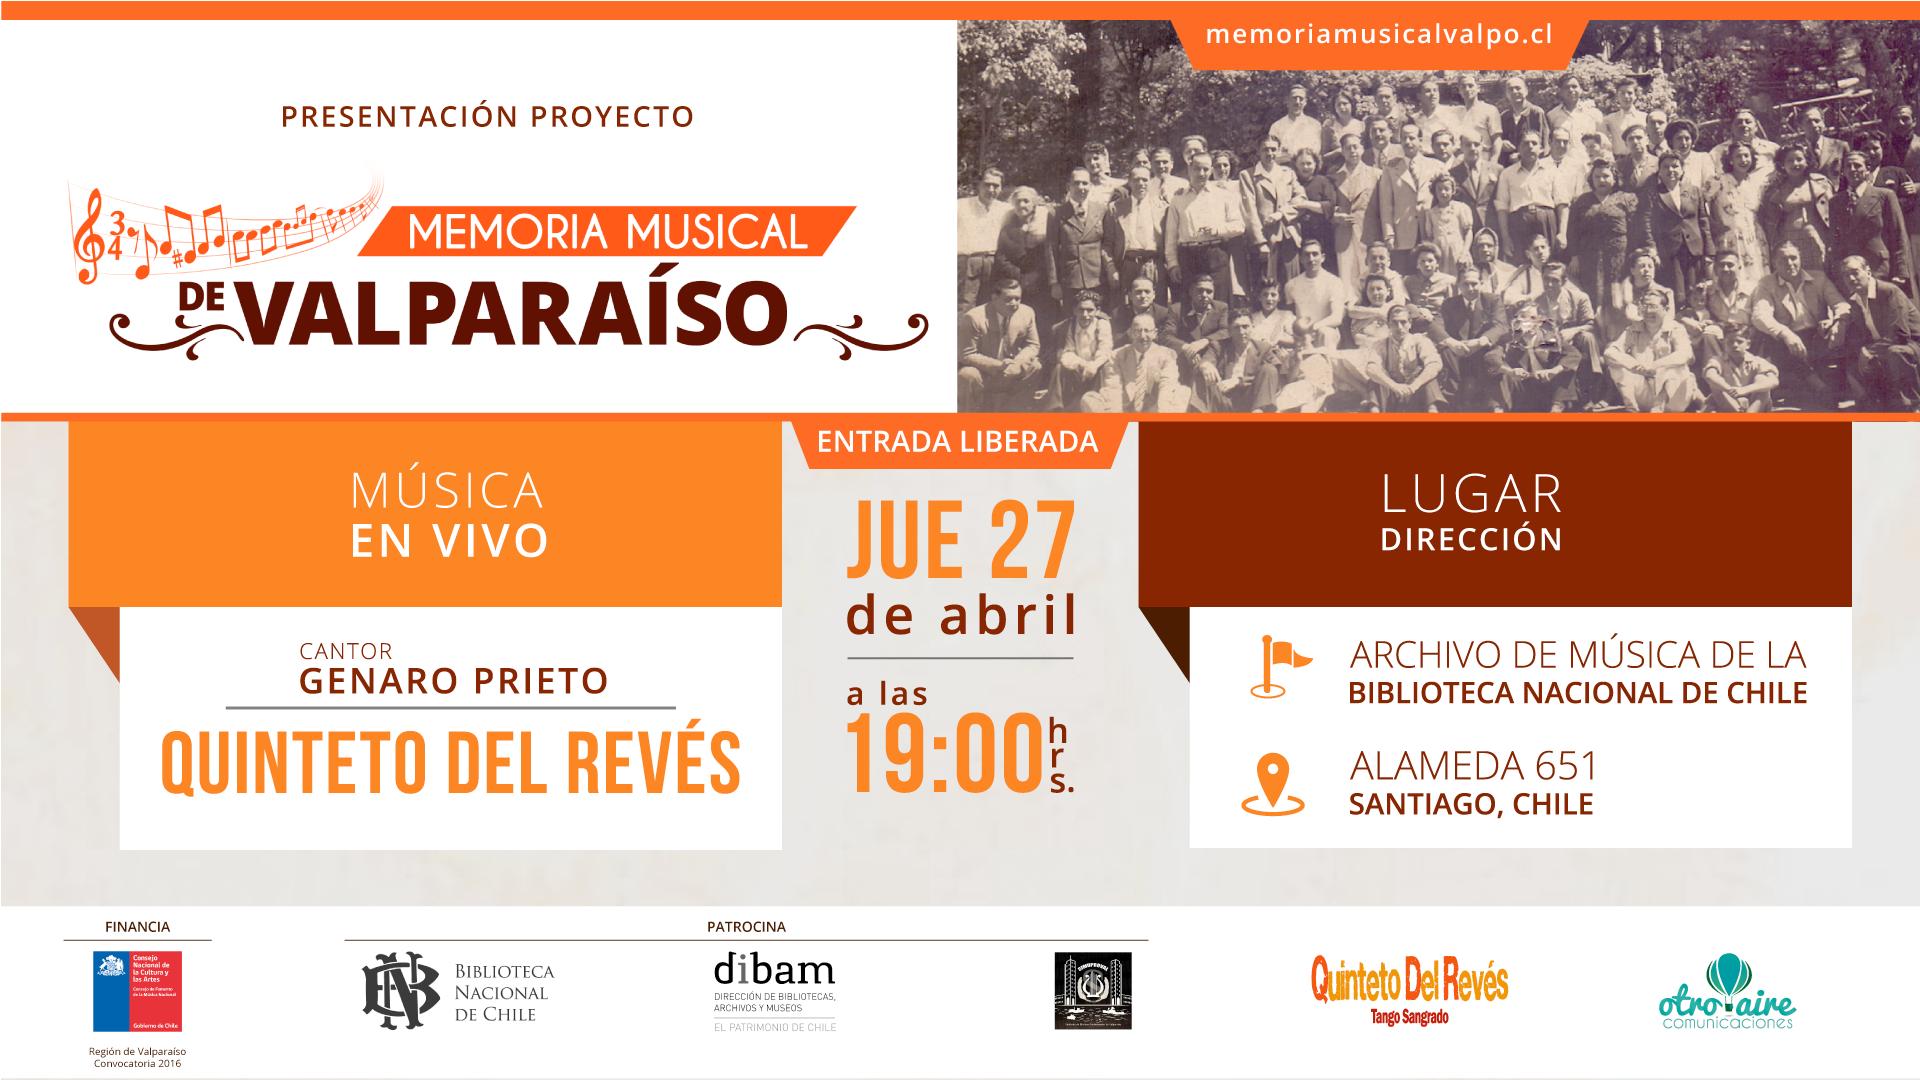 Presentación Proyecto Memoria Musical de Valparaíso